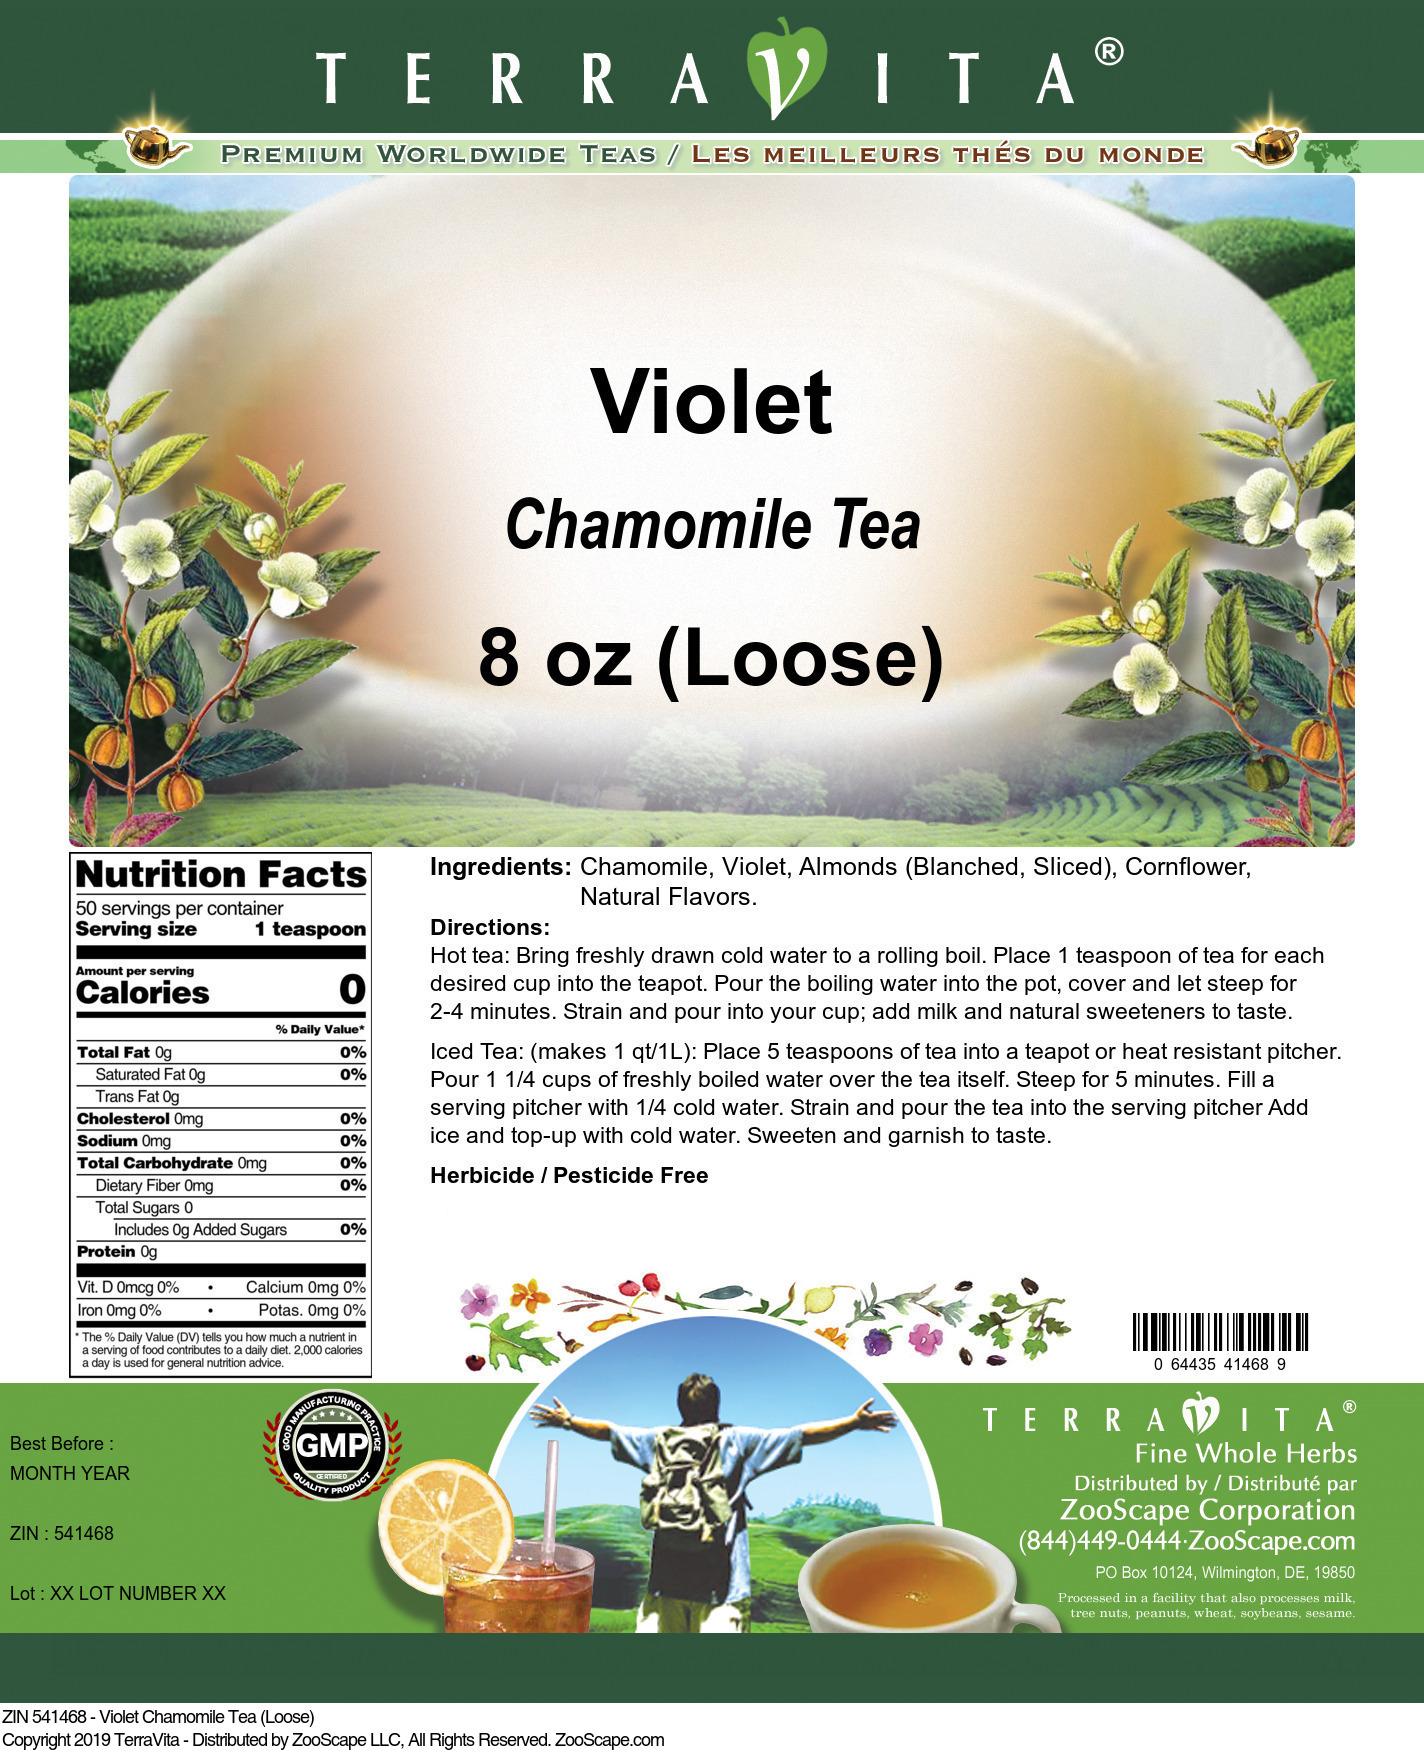 Violet Chamomile Tea (Loose)